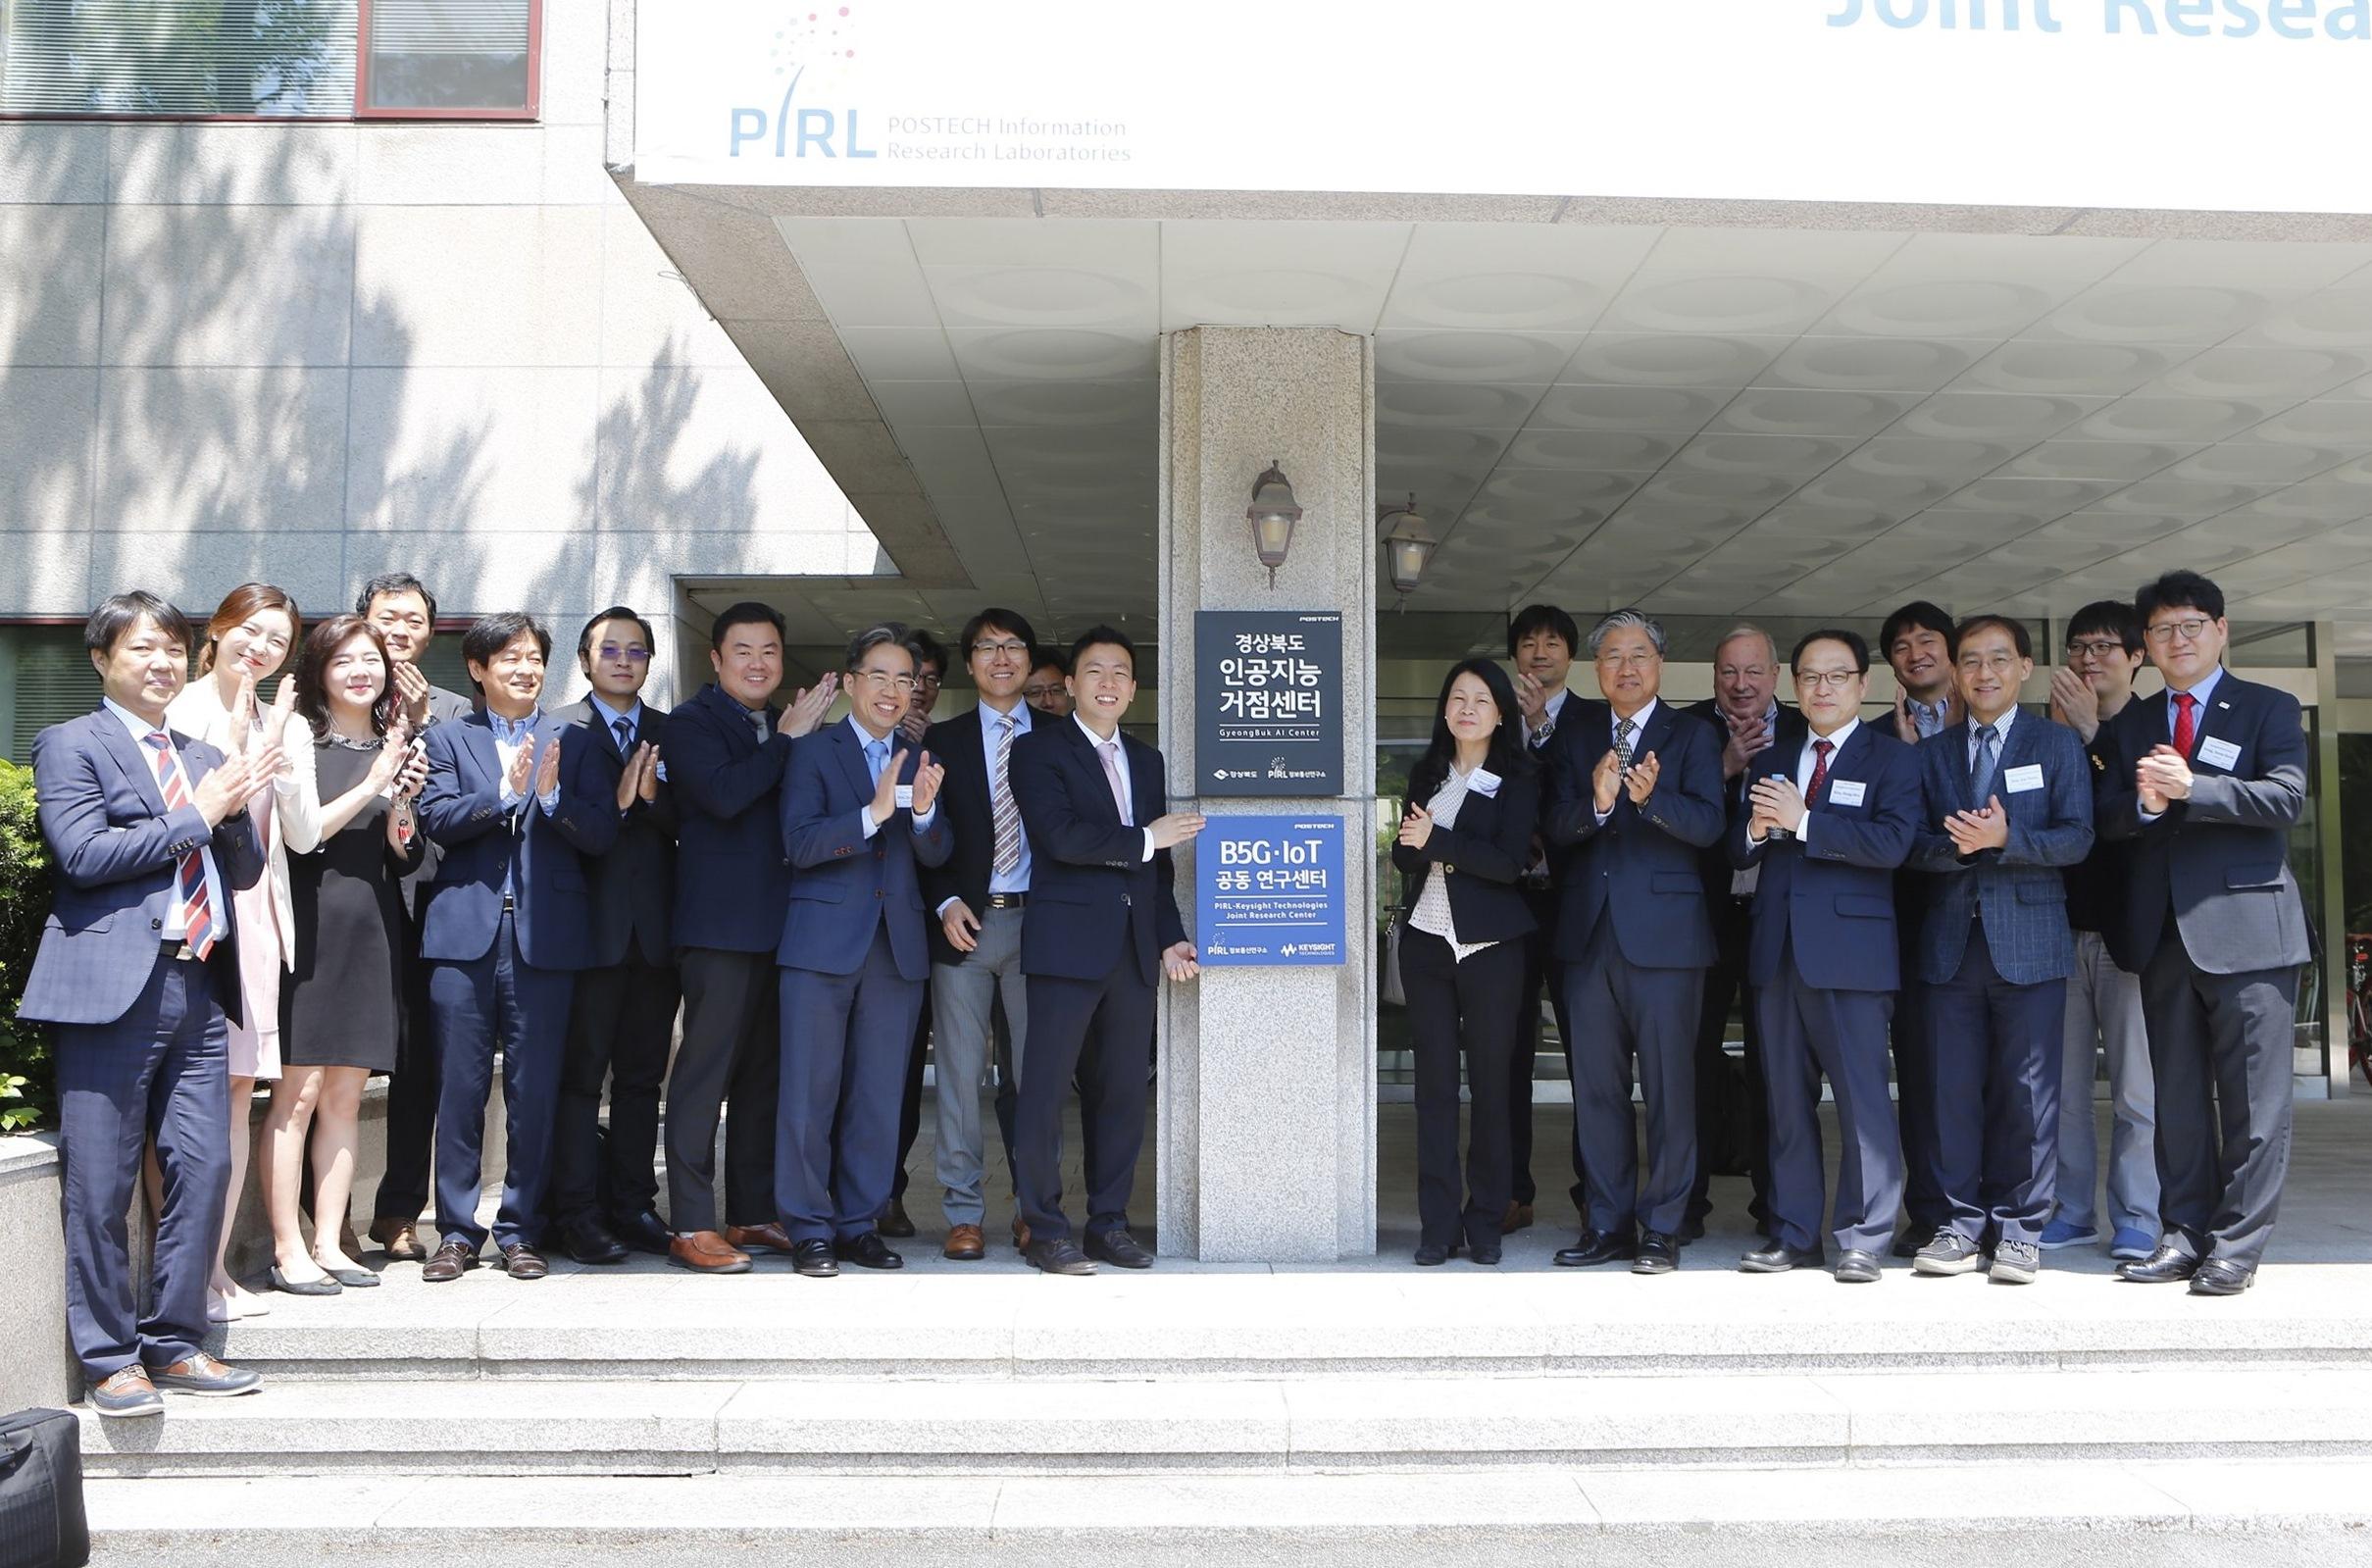 협약키사이트 테크놀로지스(Keysight Technologies)의 국내 첫 공동연구센터 현판식 사진